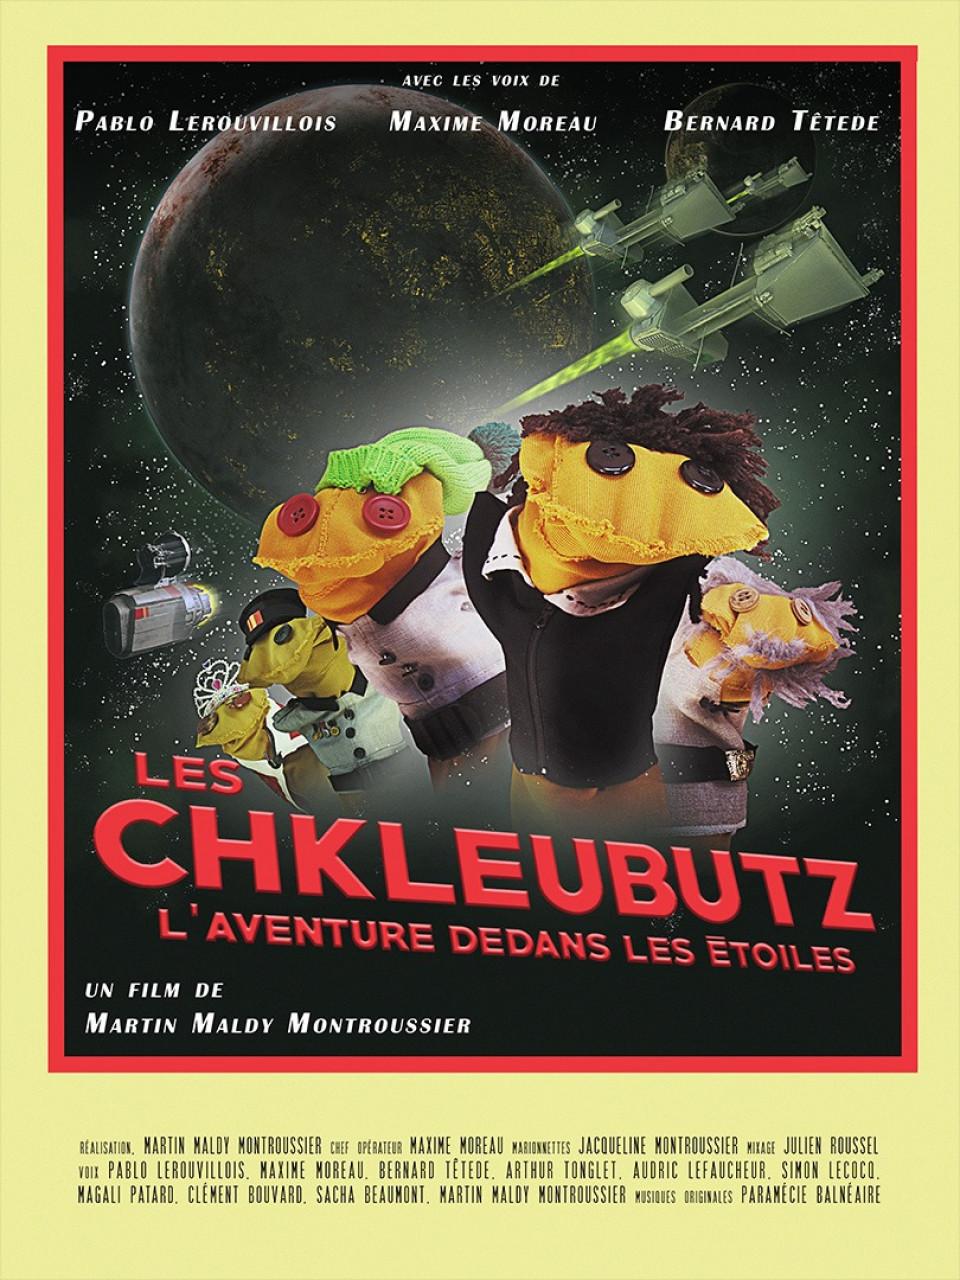 Poster Les Chkleubutz, l'aventure dedans les étoiles